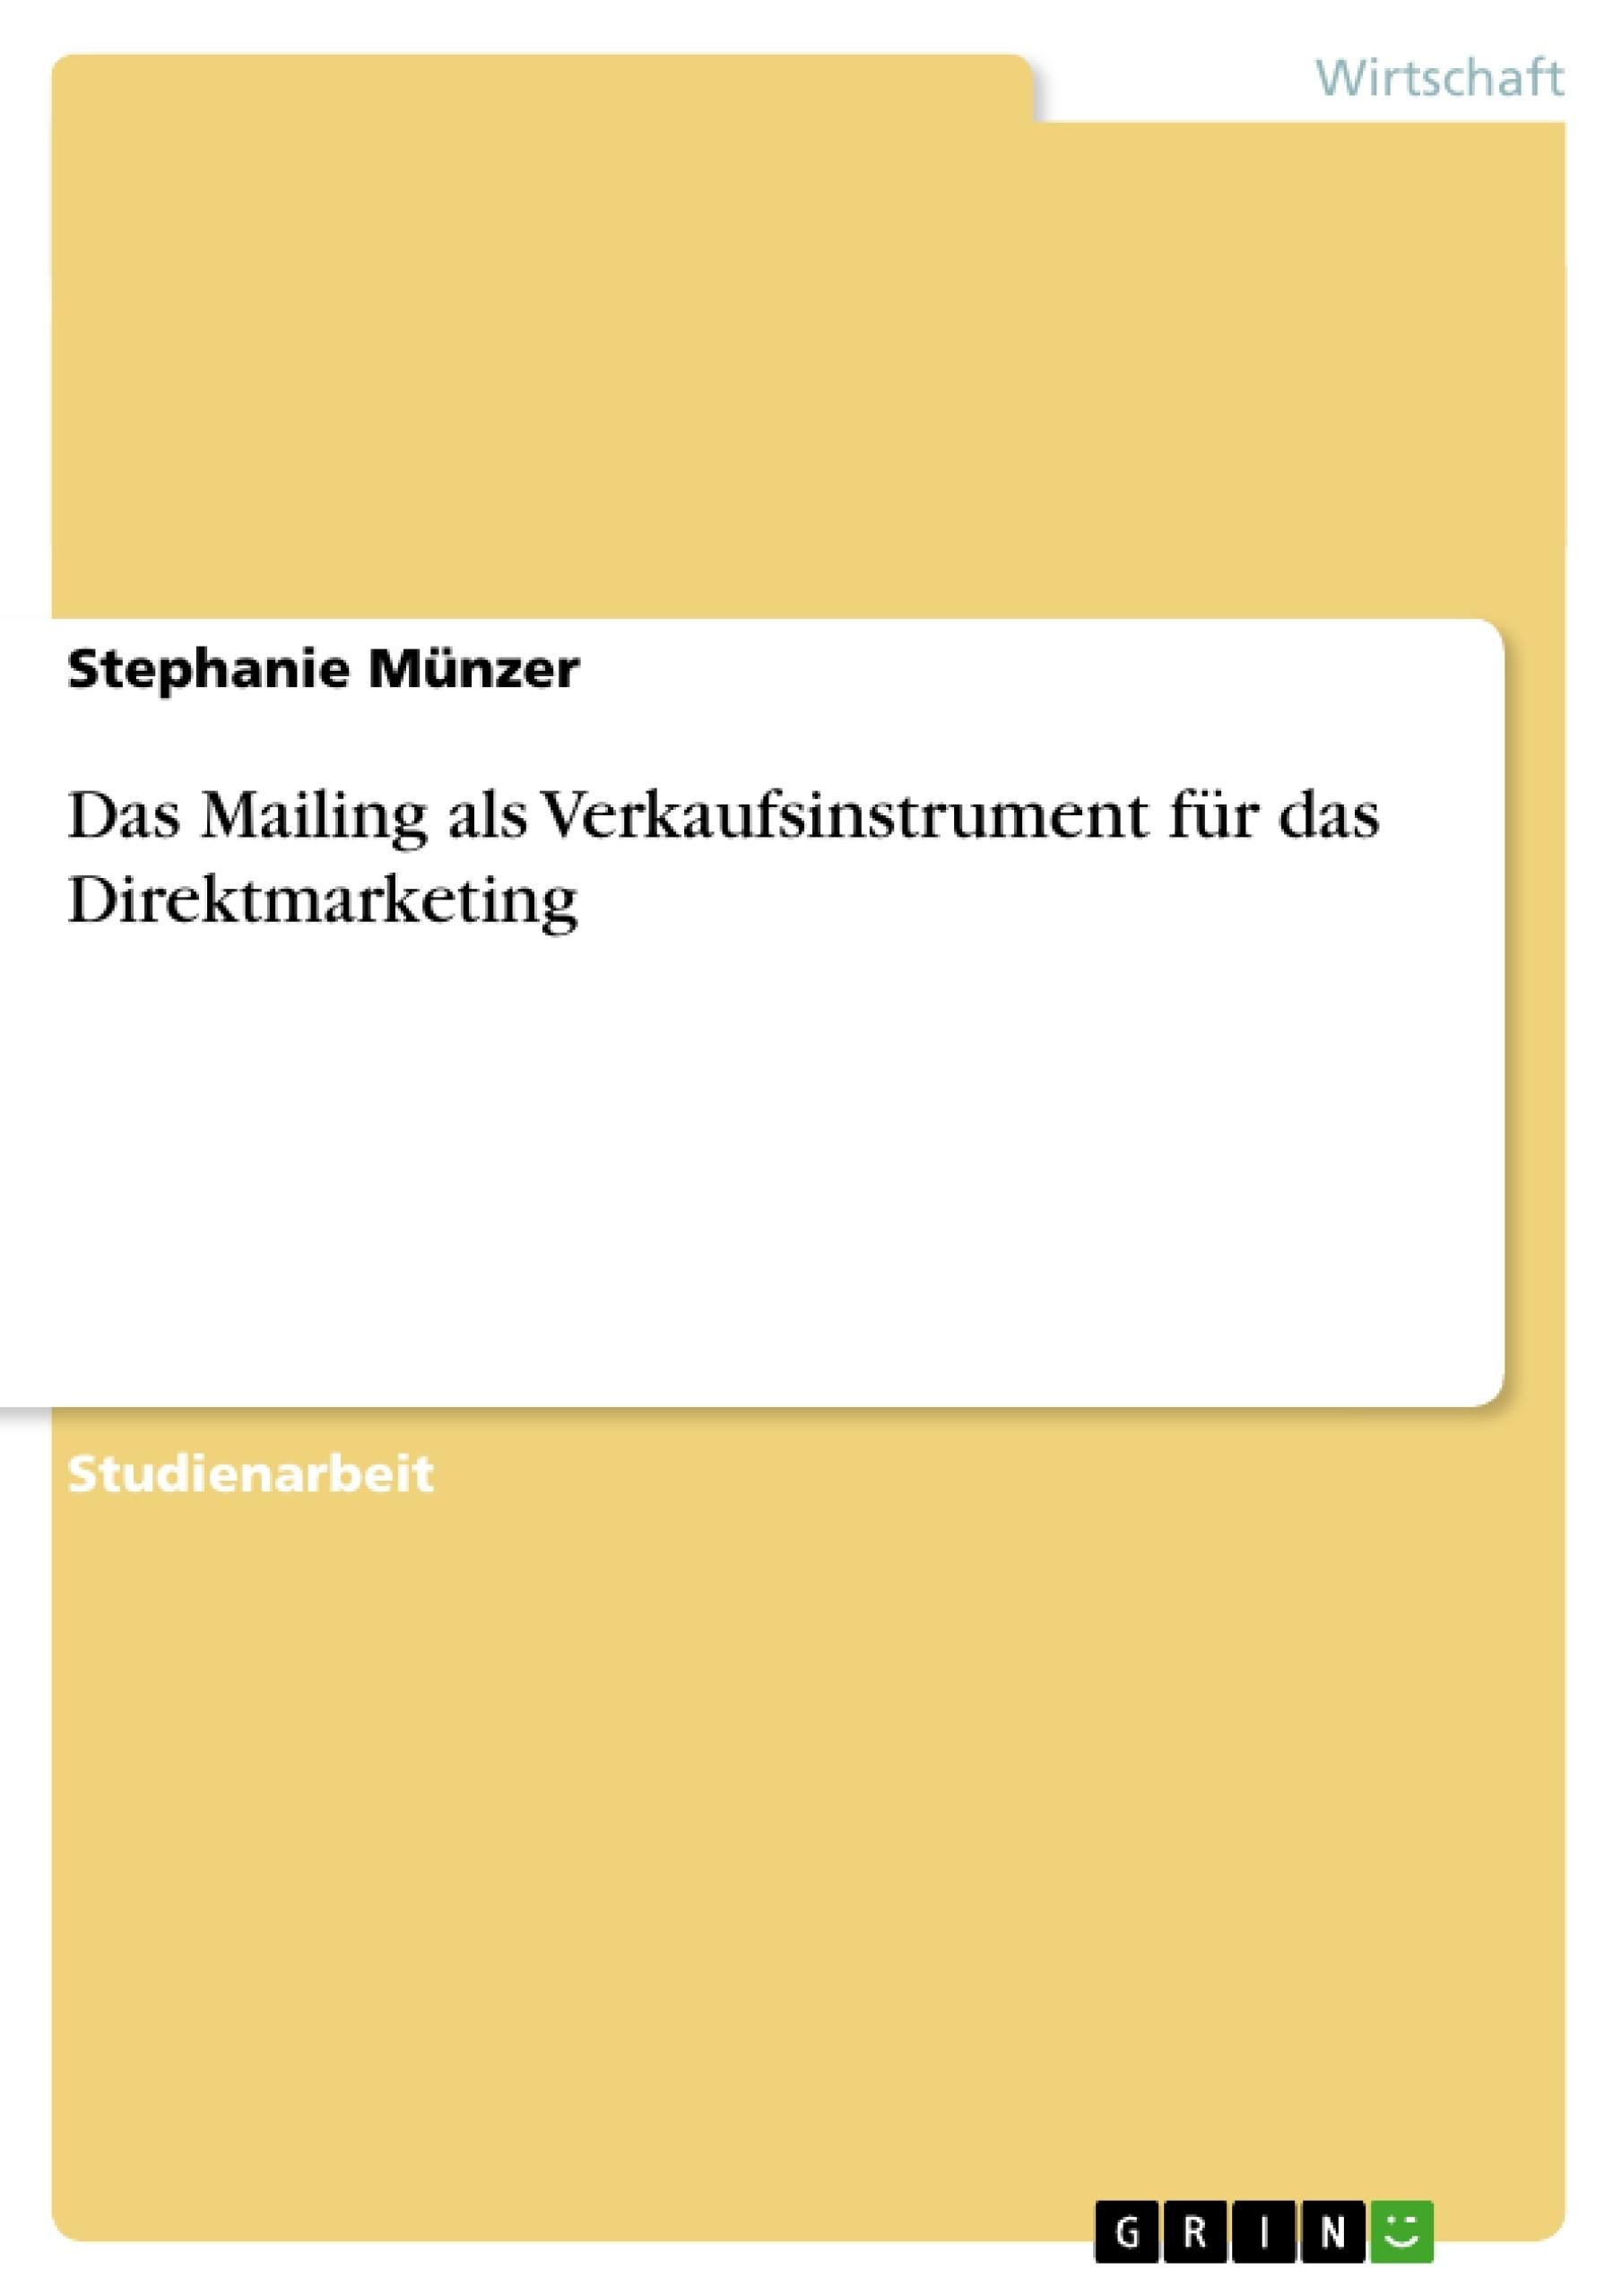 Titel: Das Mailing als Verkaufsinstrument für das Direktmarketing